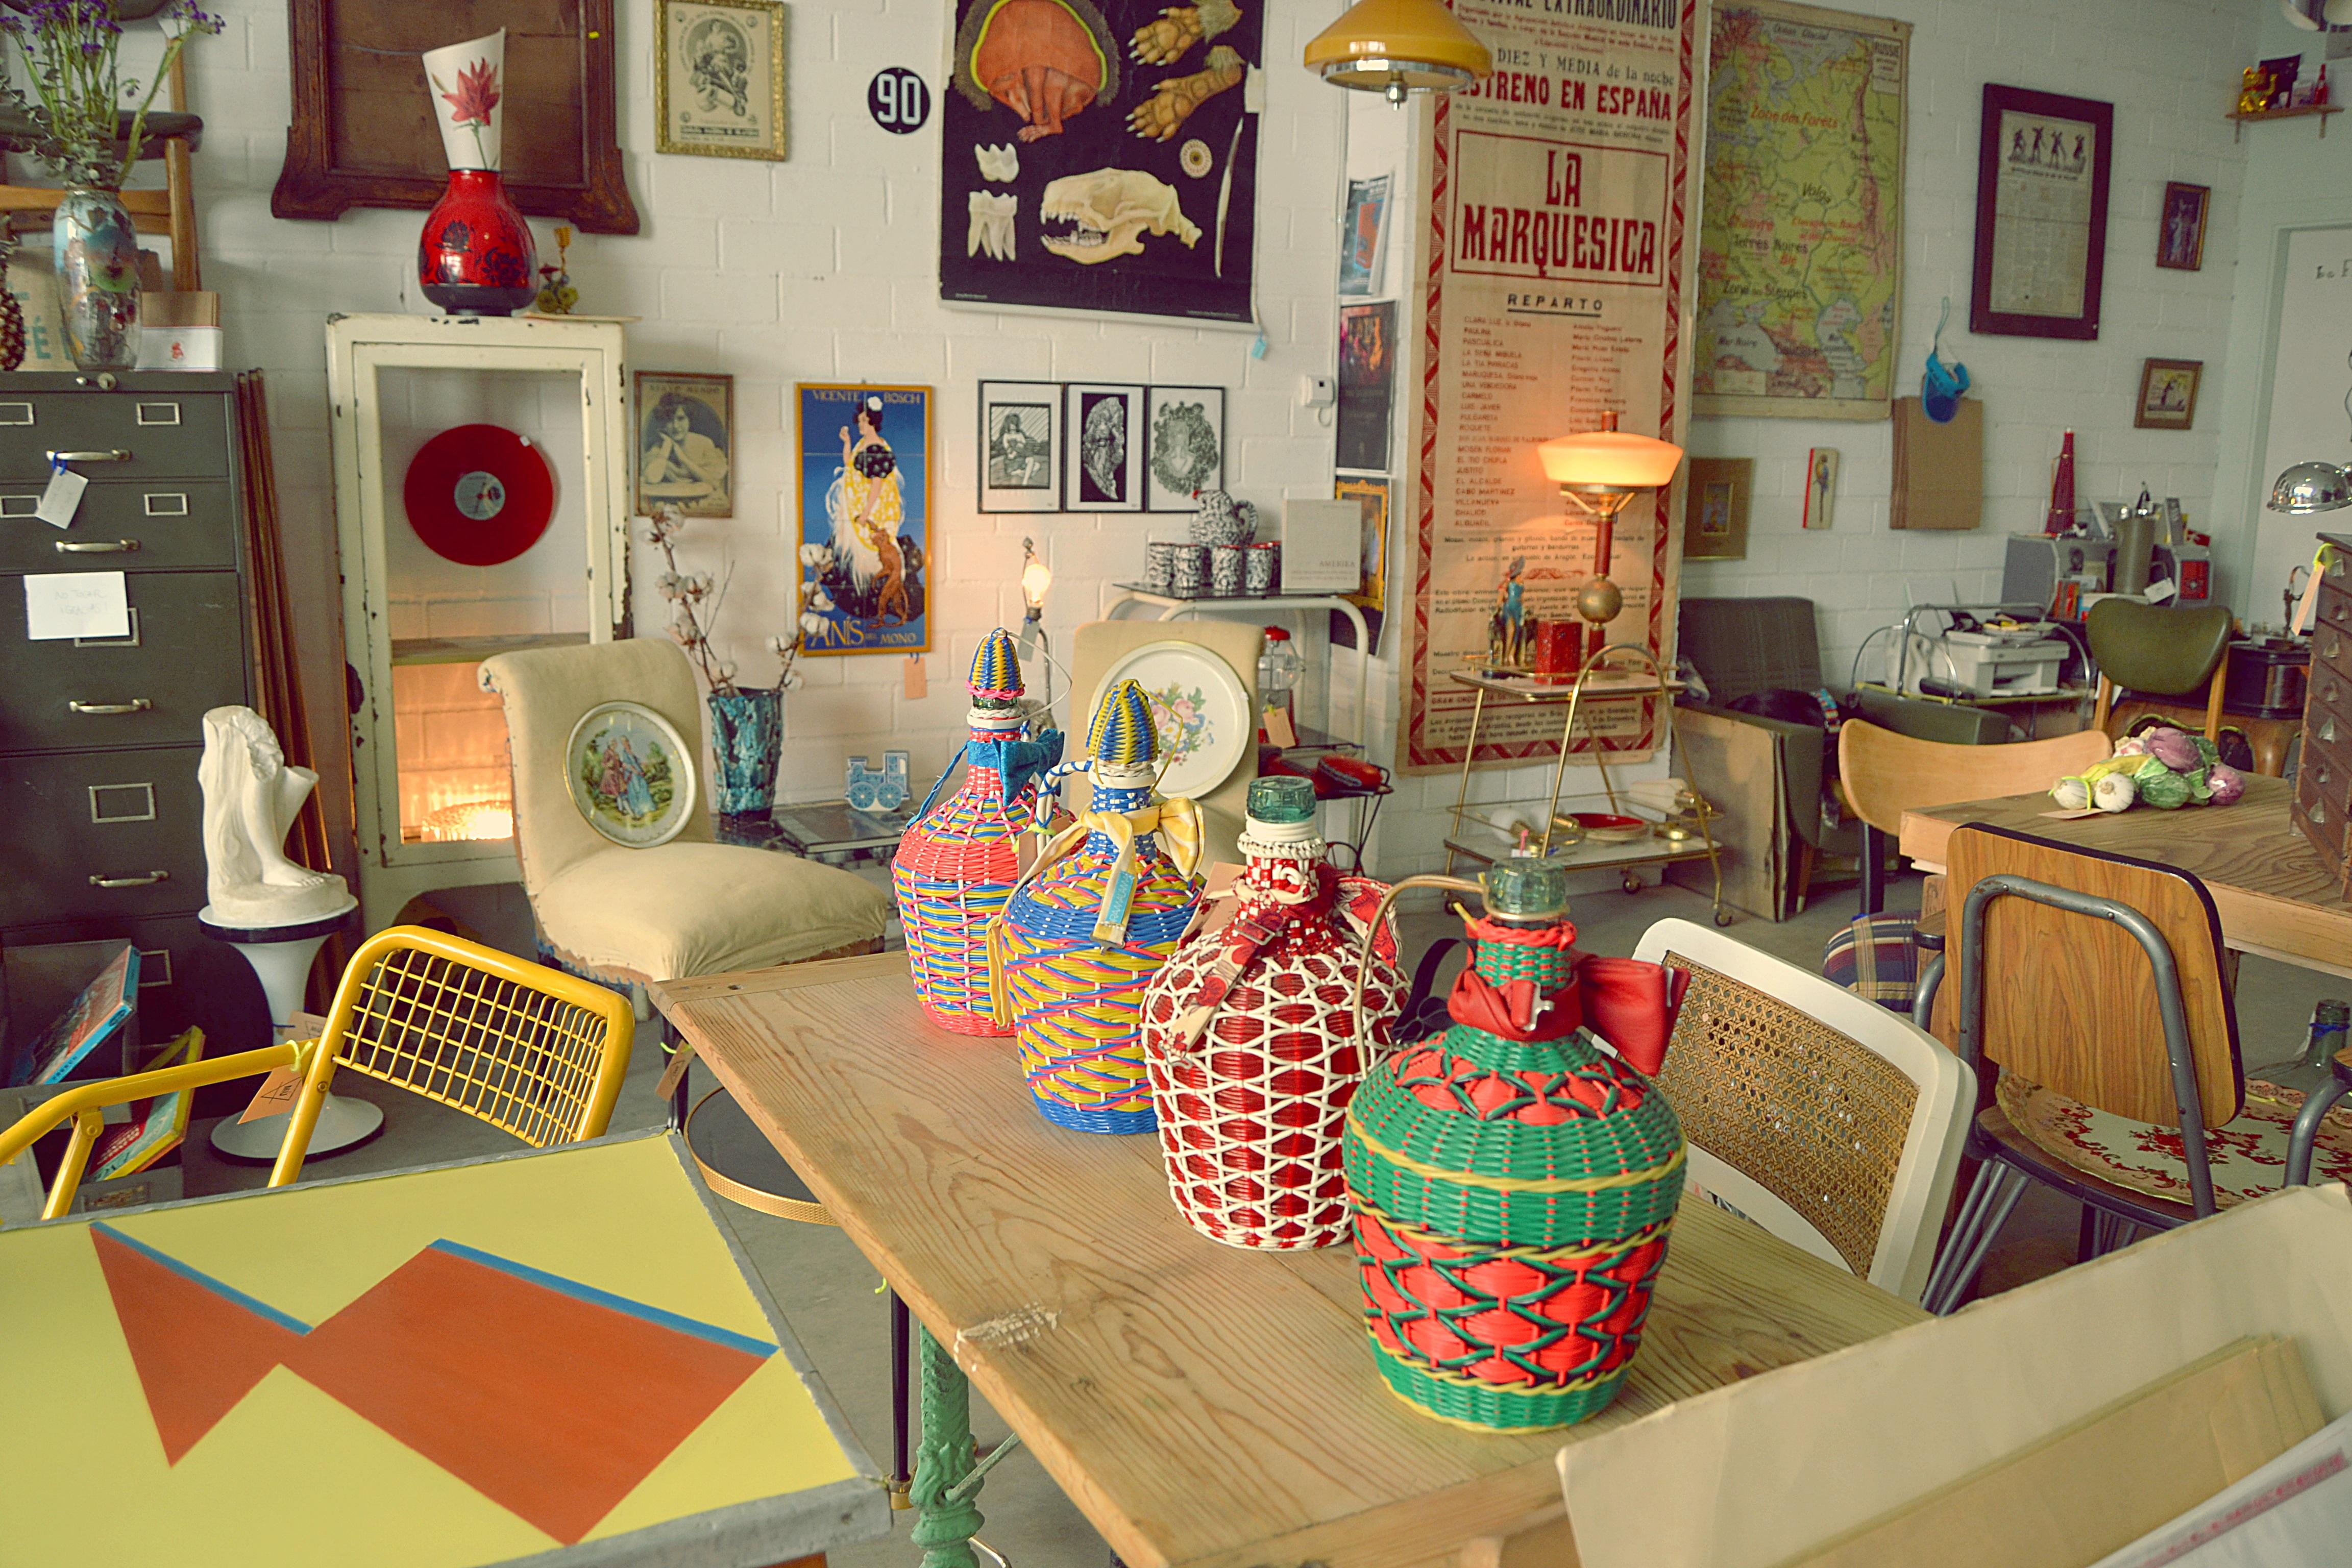 Comprar objetos de decoracion vintage for Objetos decoracion